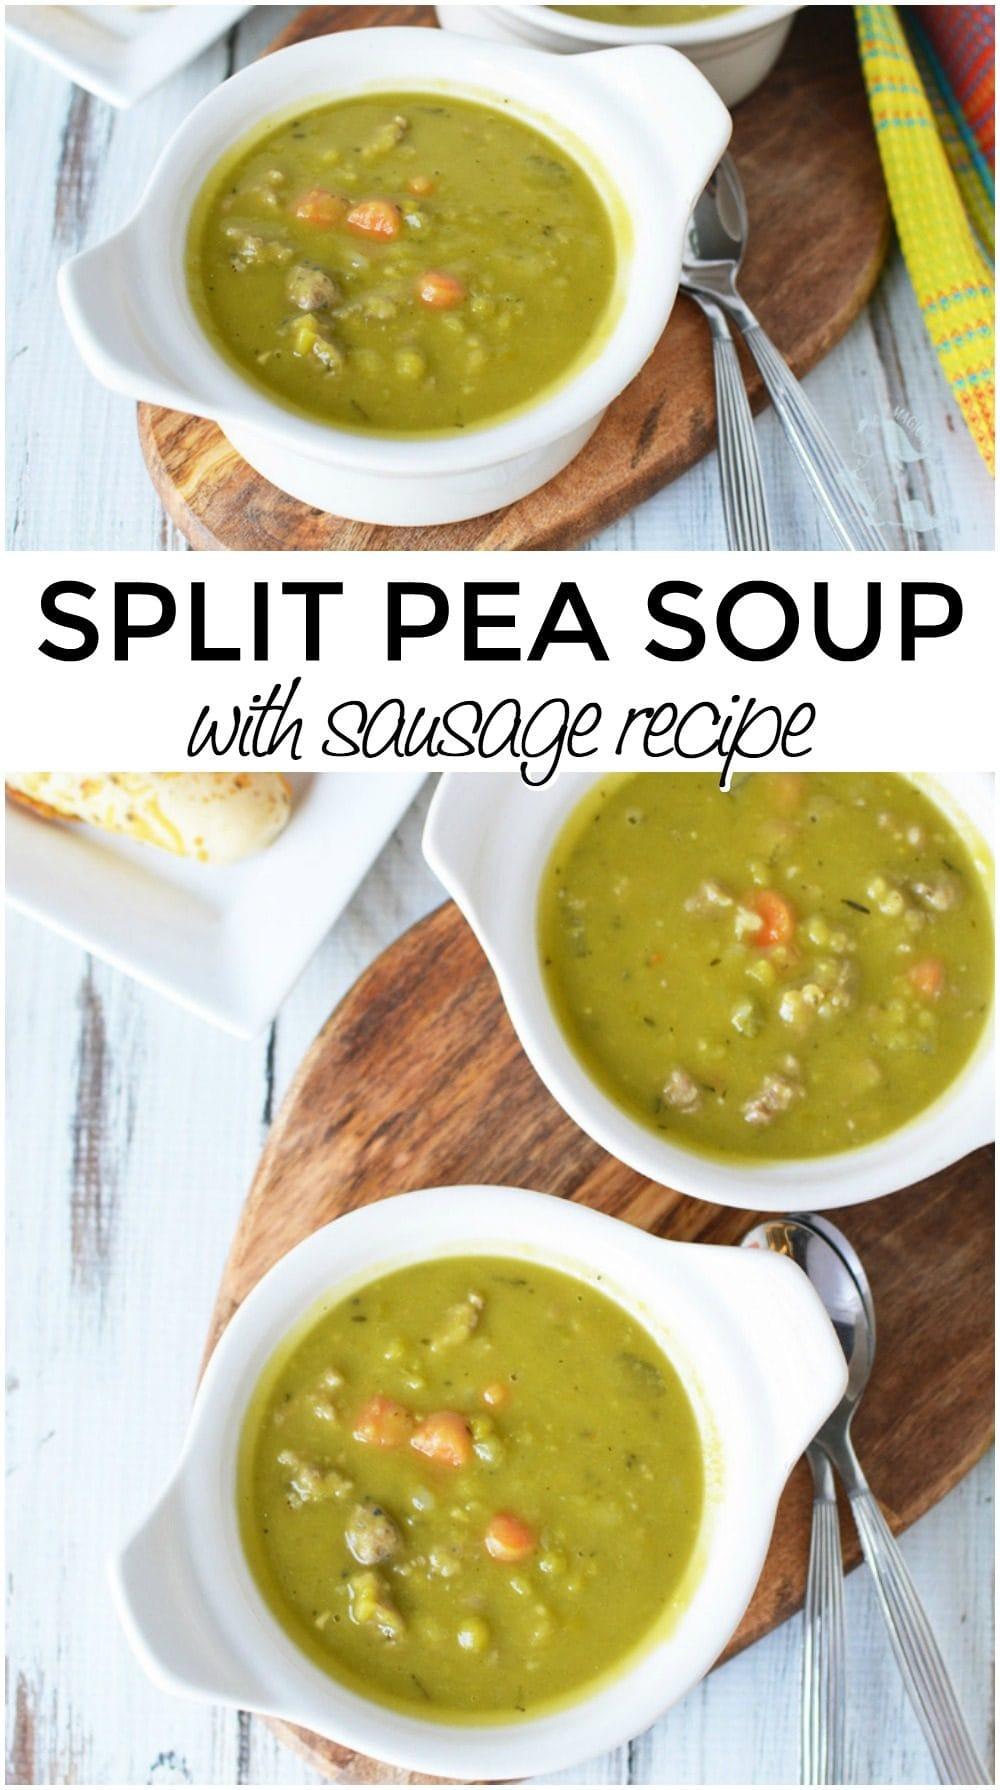 Split Pea Soup with Sausage Recipe